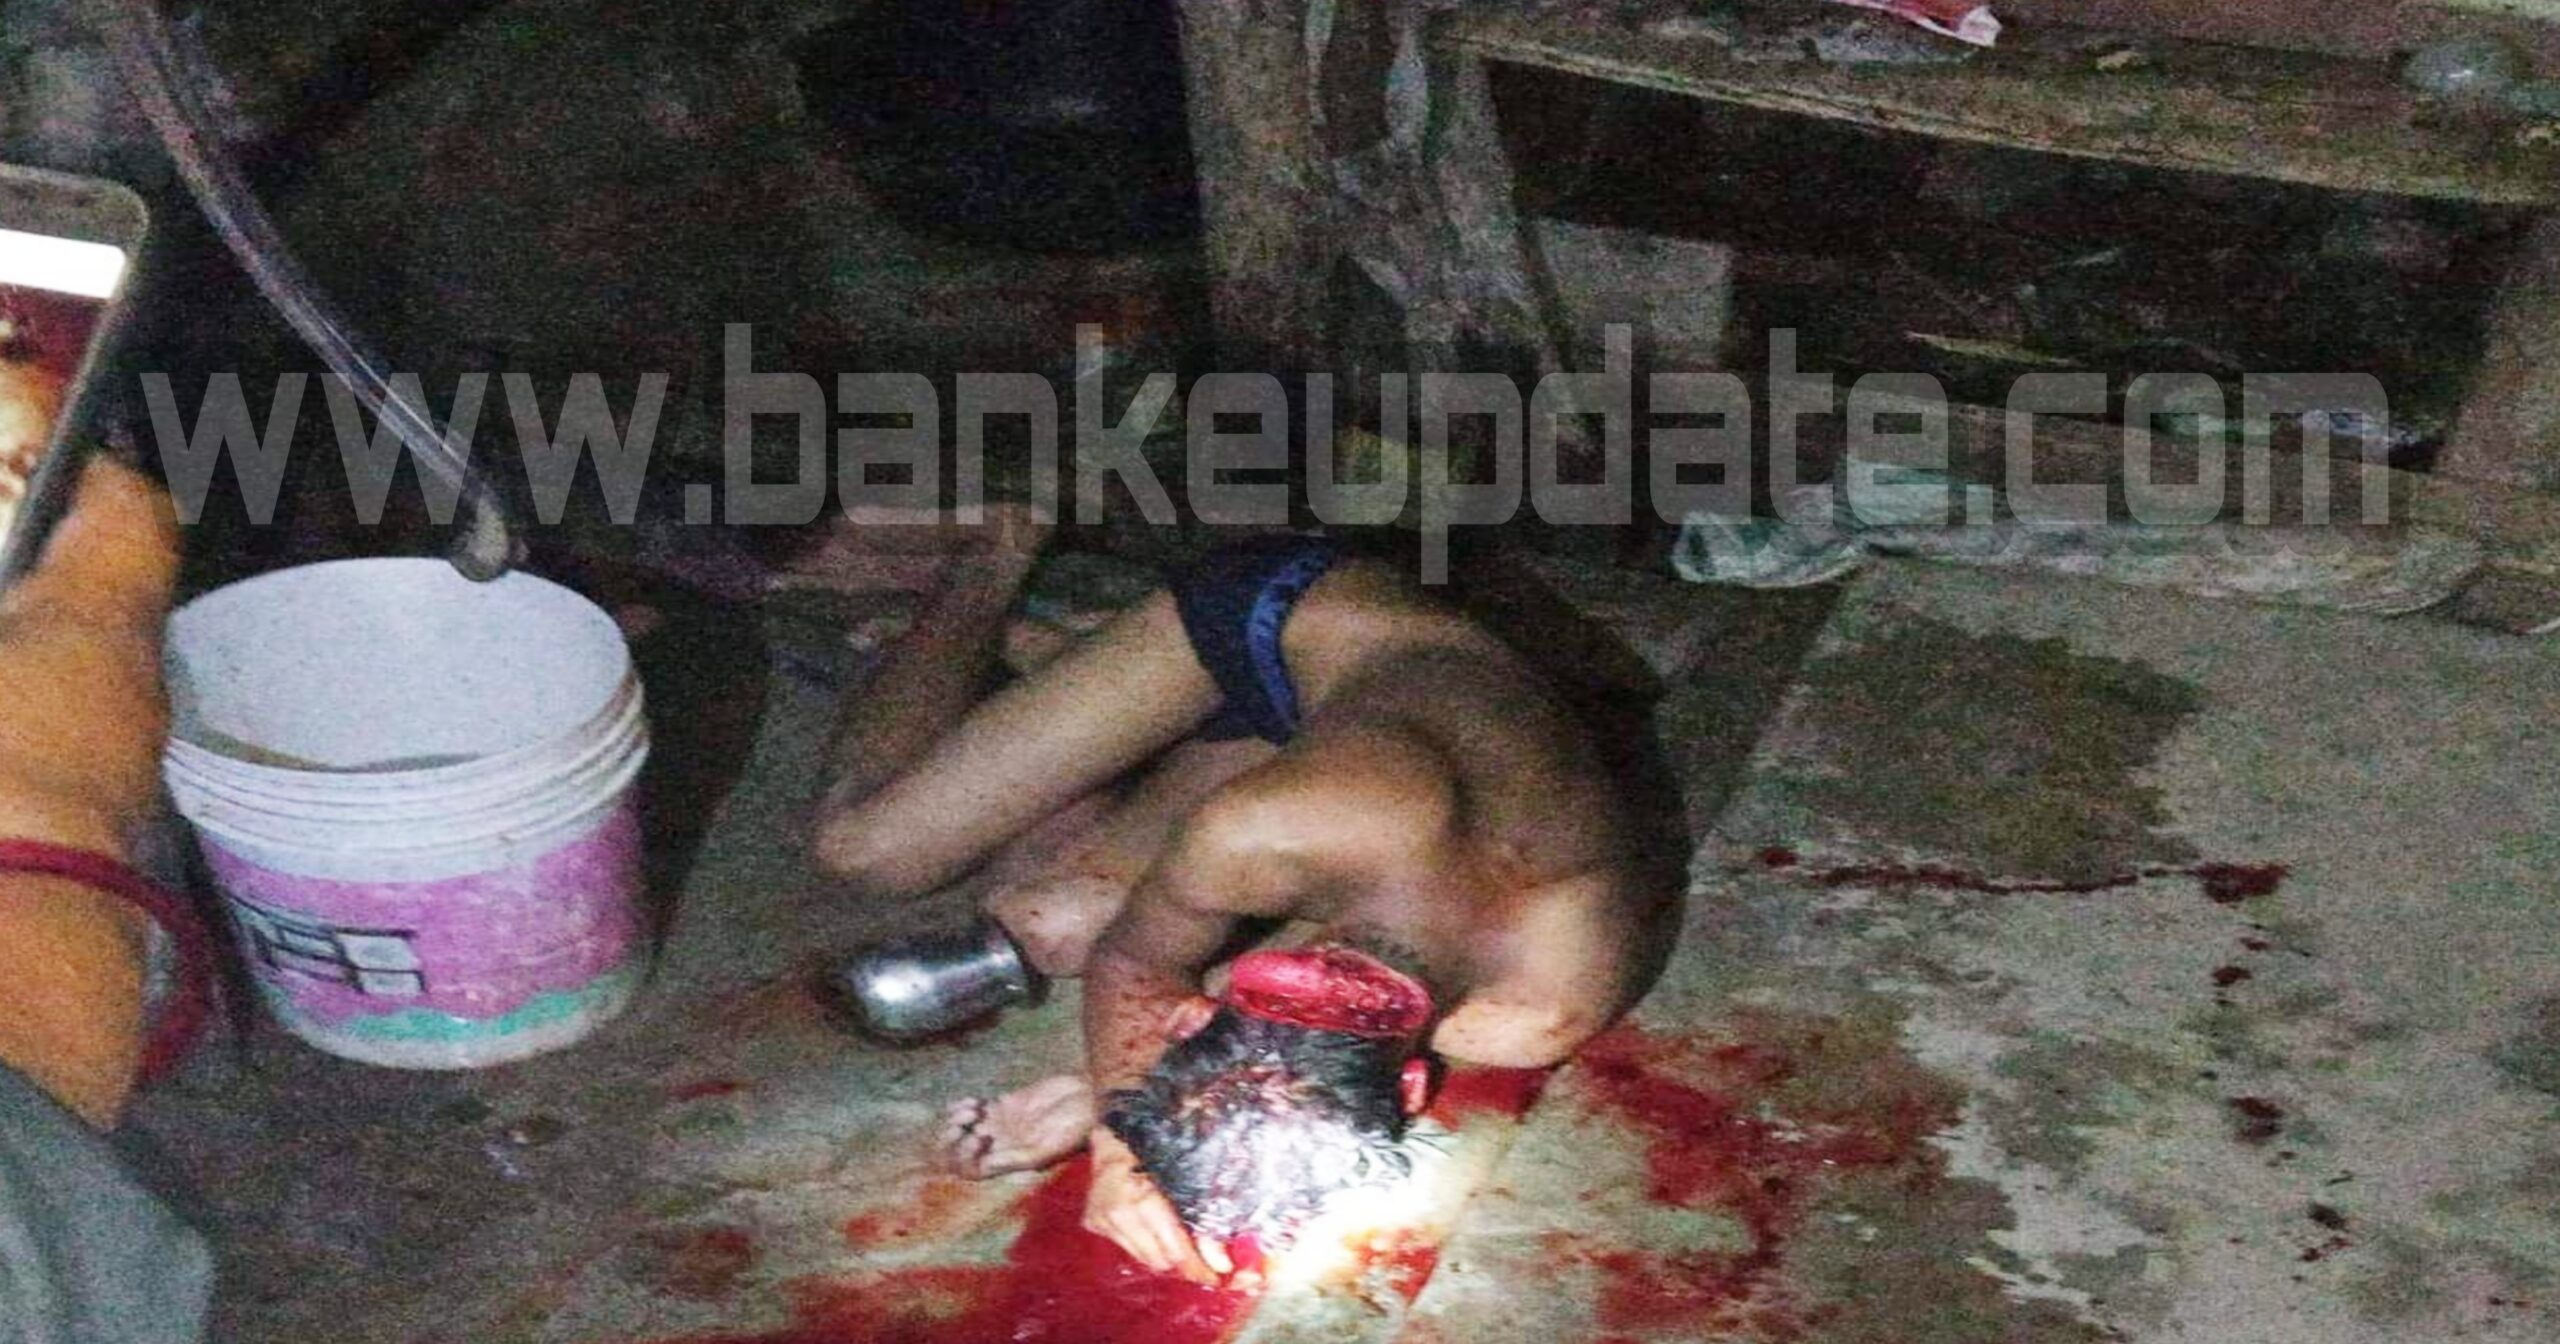 कोहलपुरमा बाबुद्वारा छोराको गर्धनमा खुर्पा प्रहार गरि हत्या